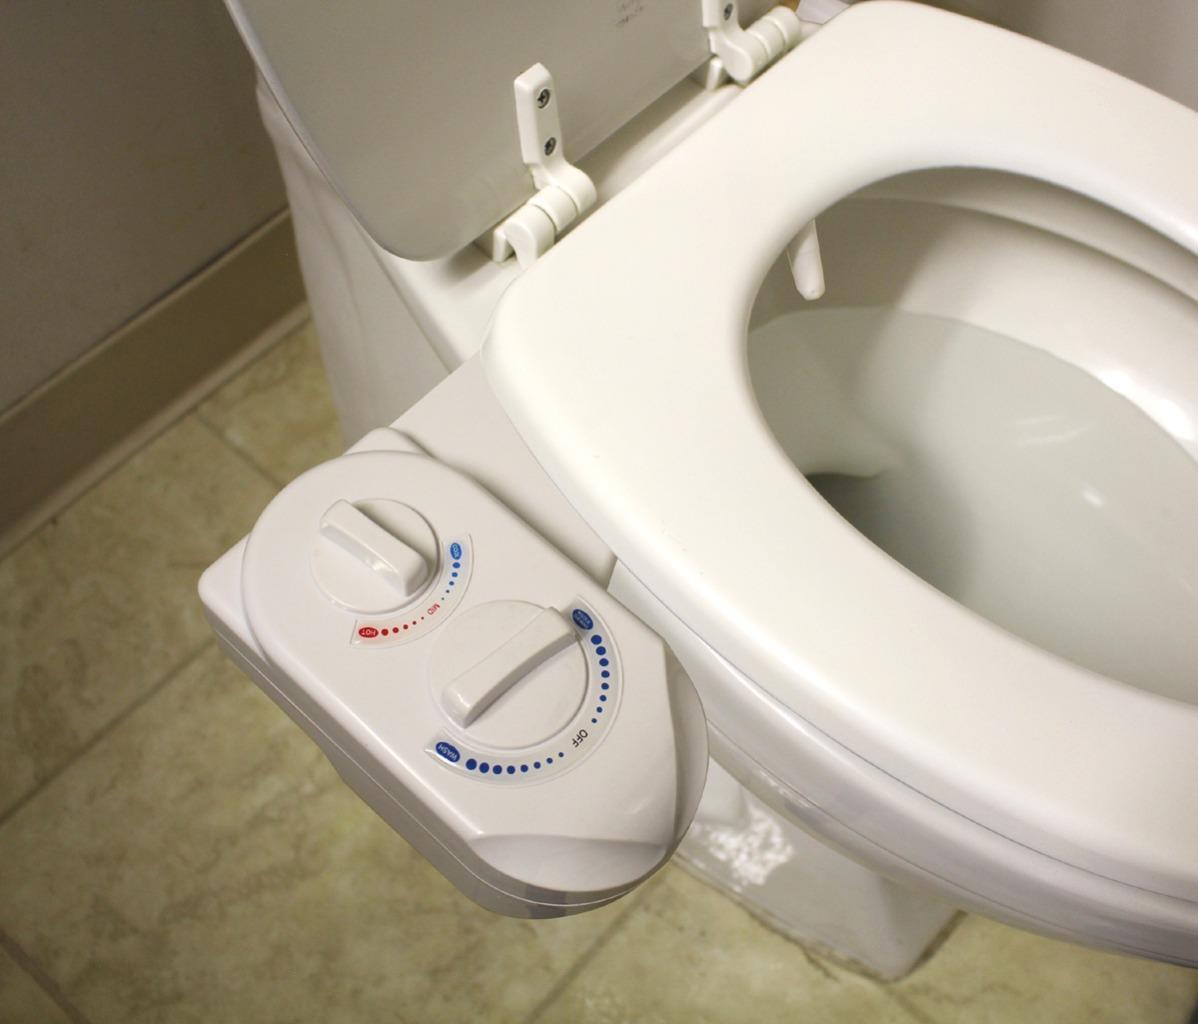 Nozzle Hot Cold Water Spray NonElectric Bidet Bathroom